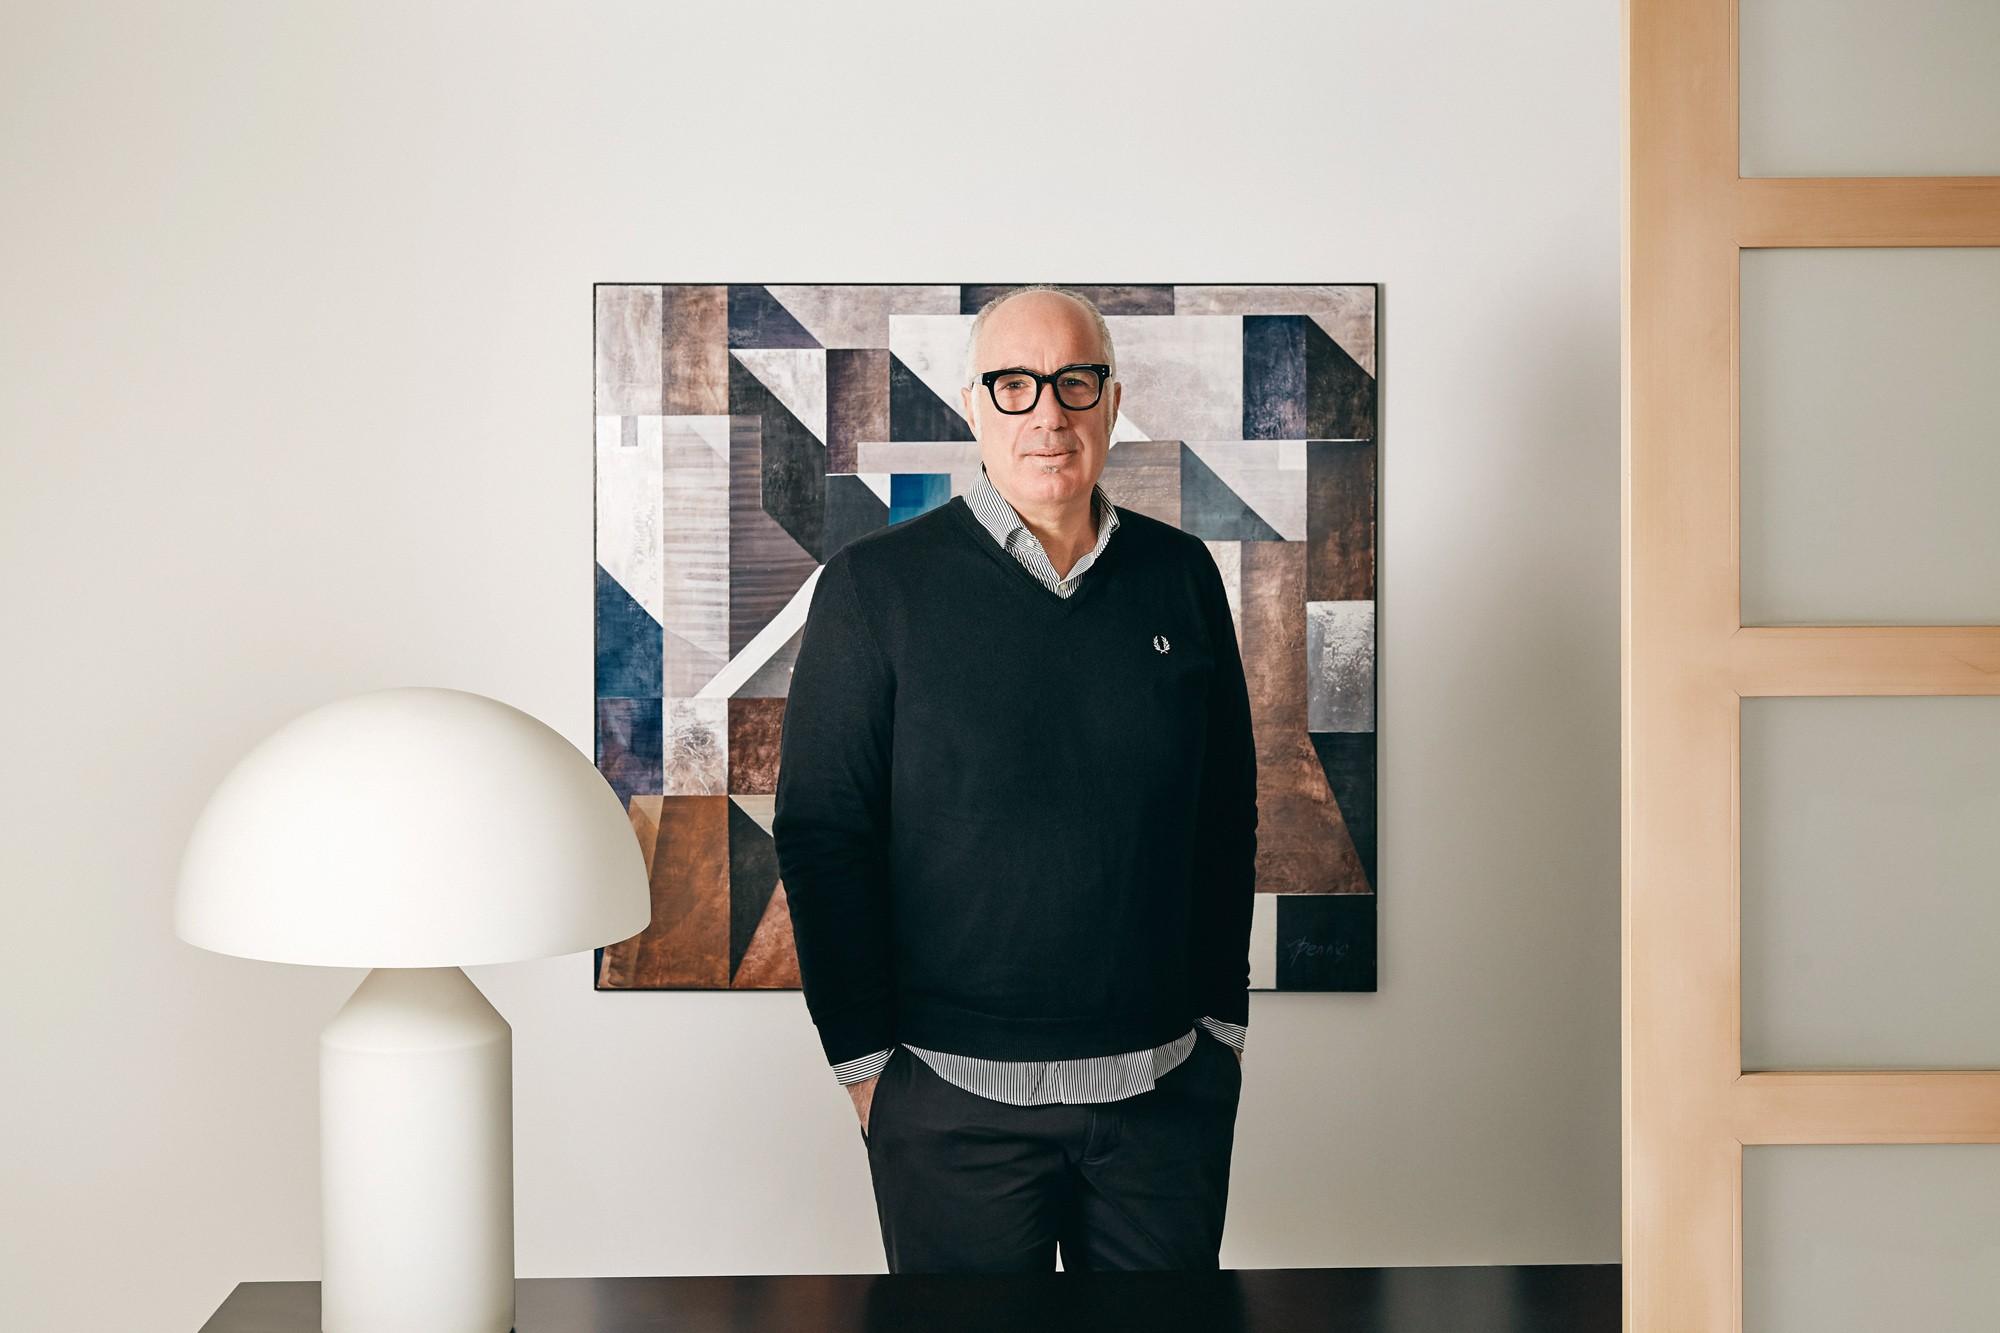 Φωτογράφιση πορτραίτου | Μηνάς Κοσμίδης Αρχιτέκτονας